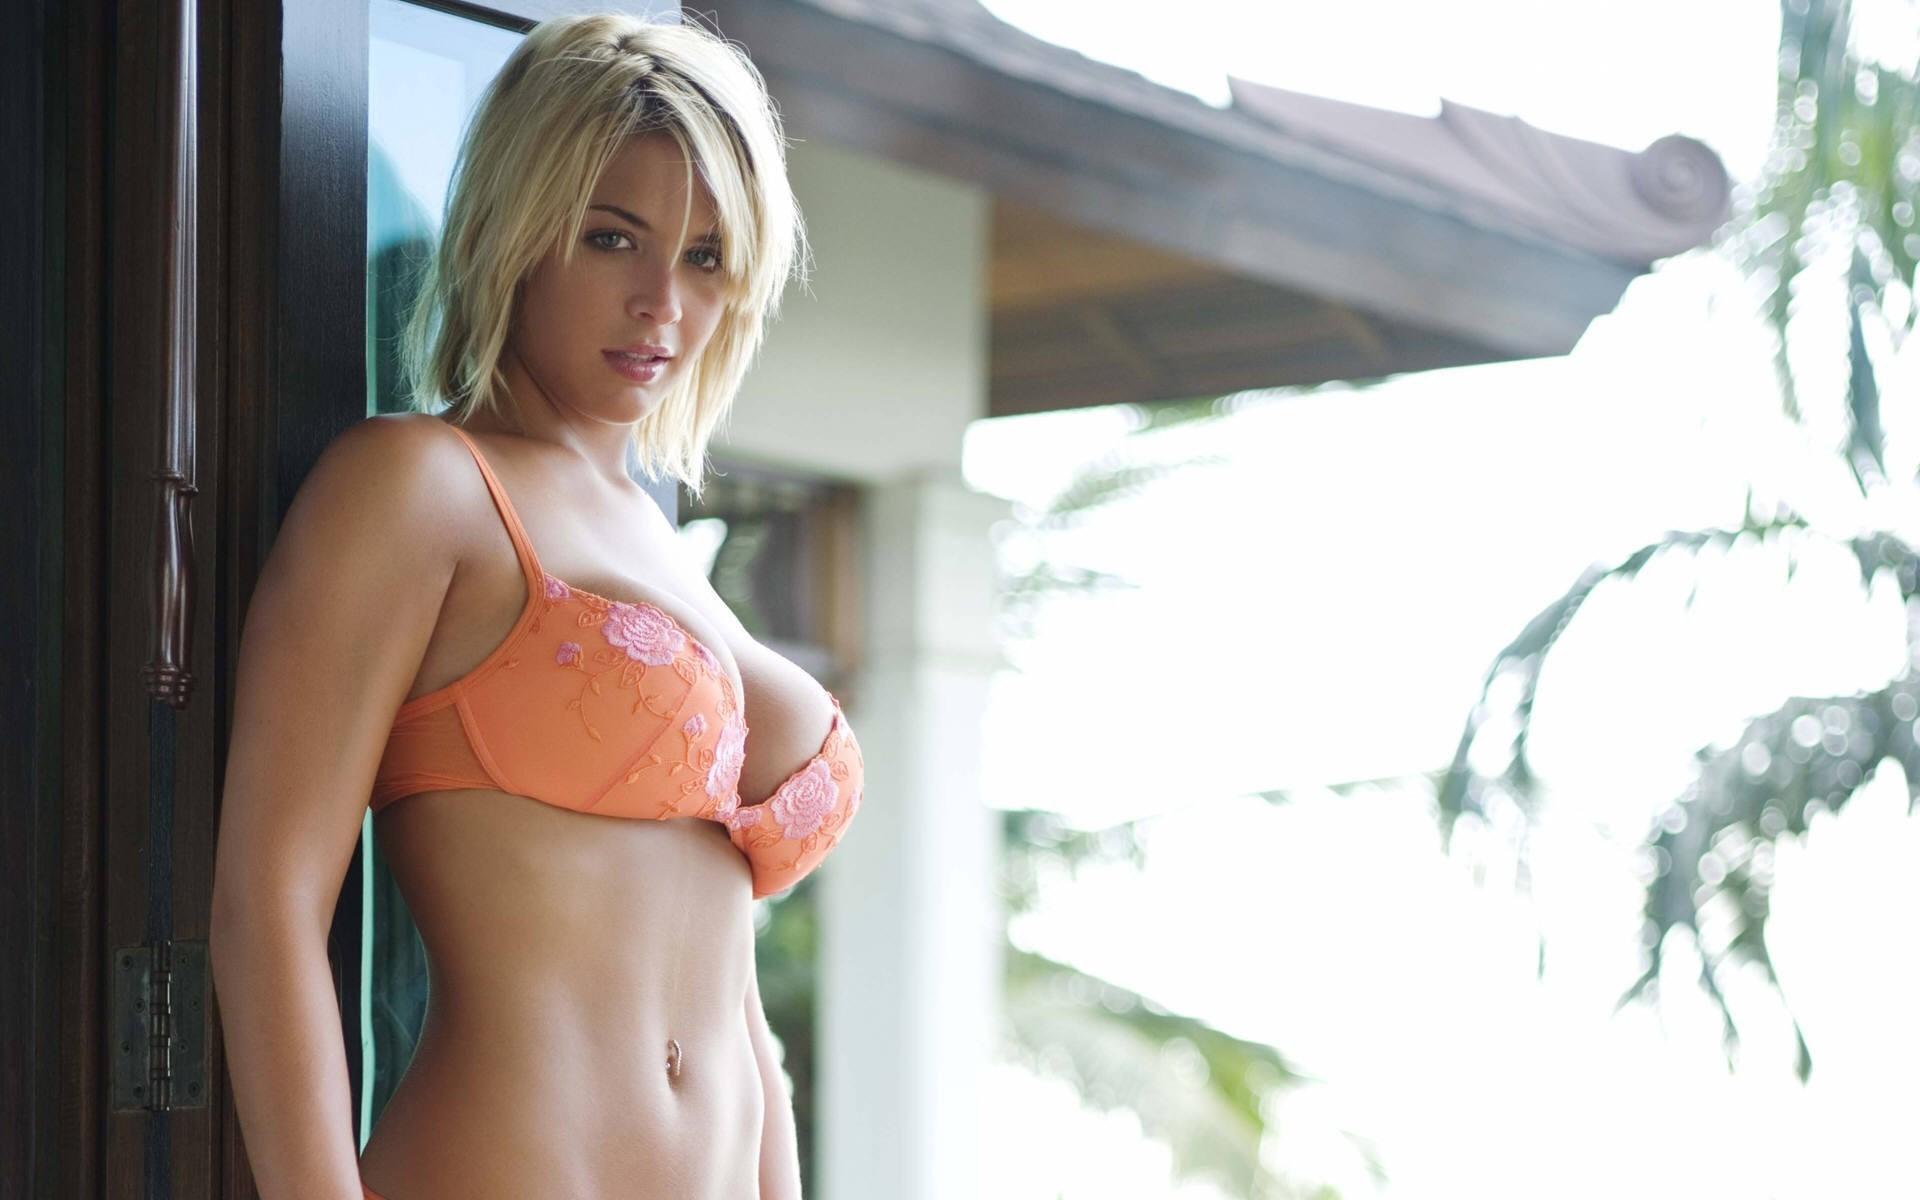 Gemma Atkinson Orange Lingerie